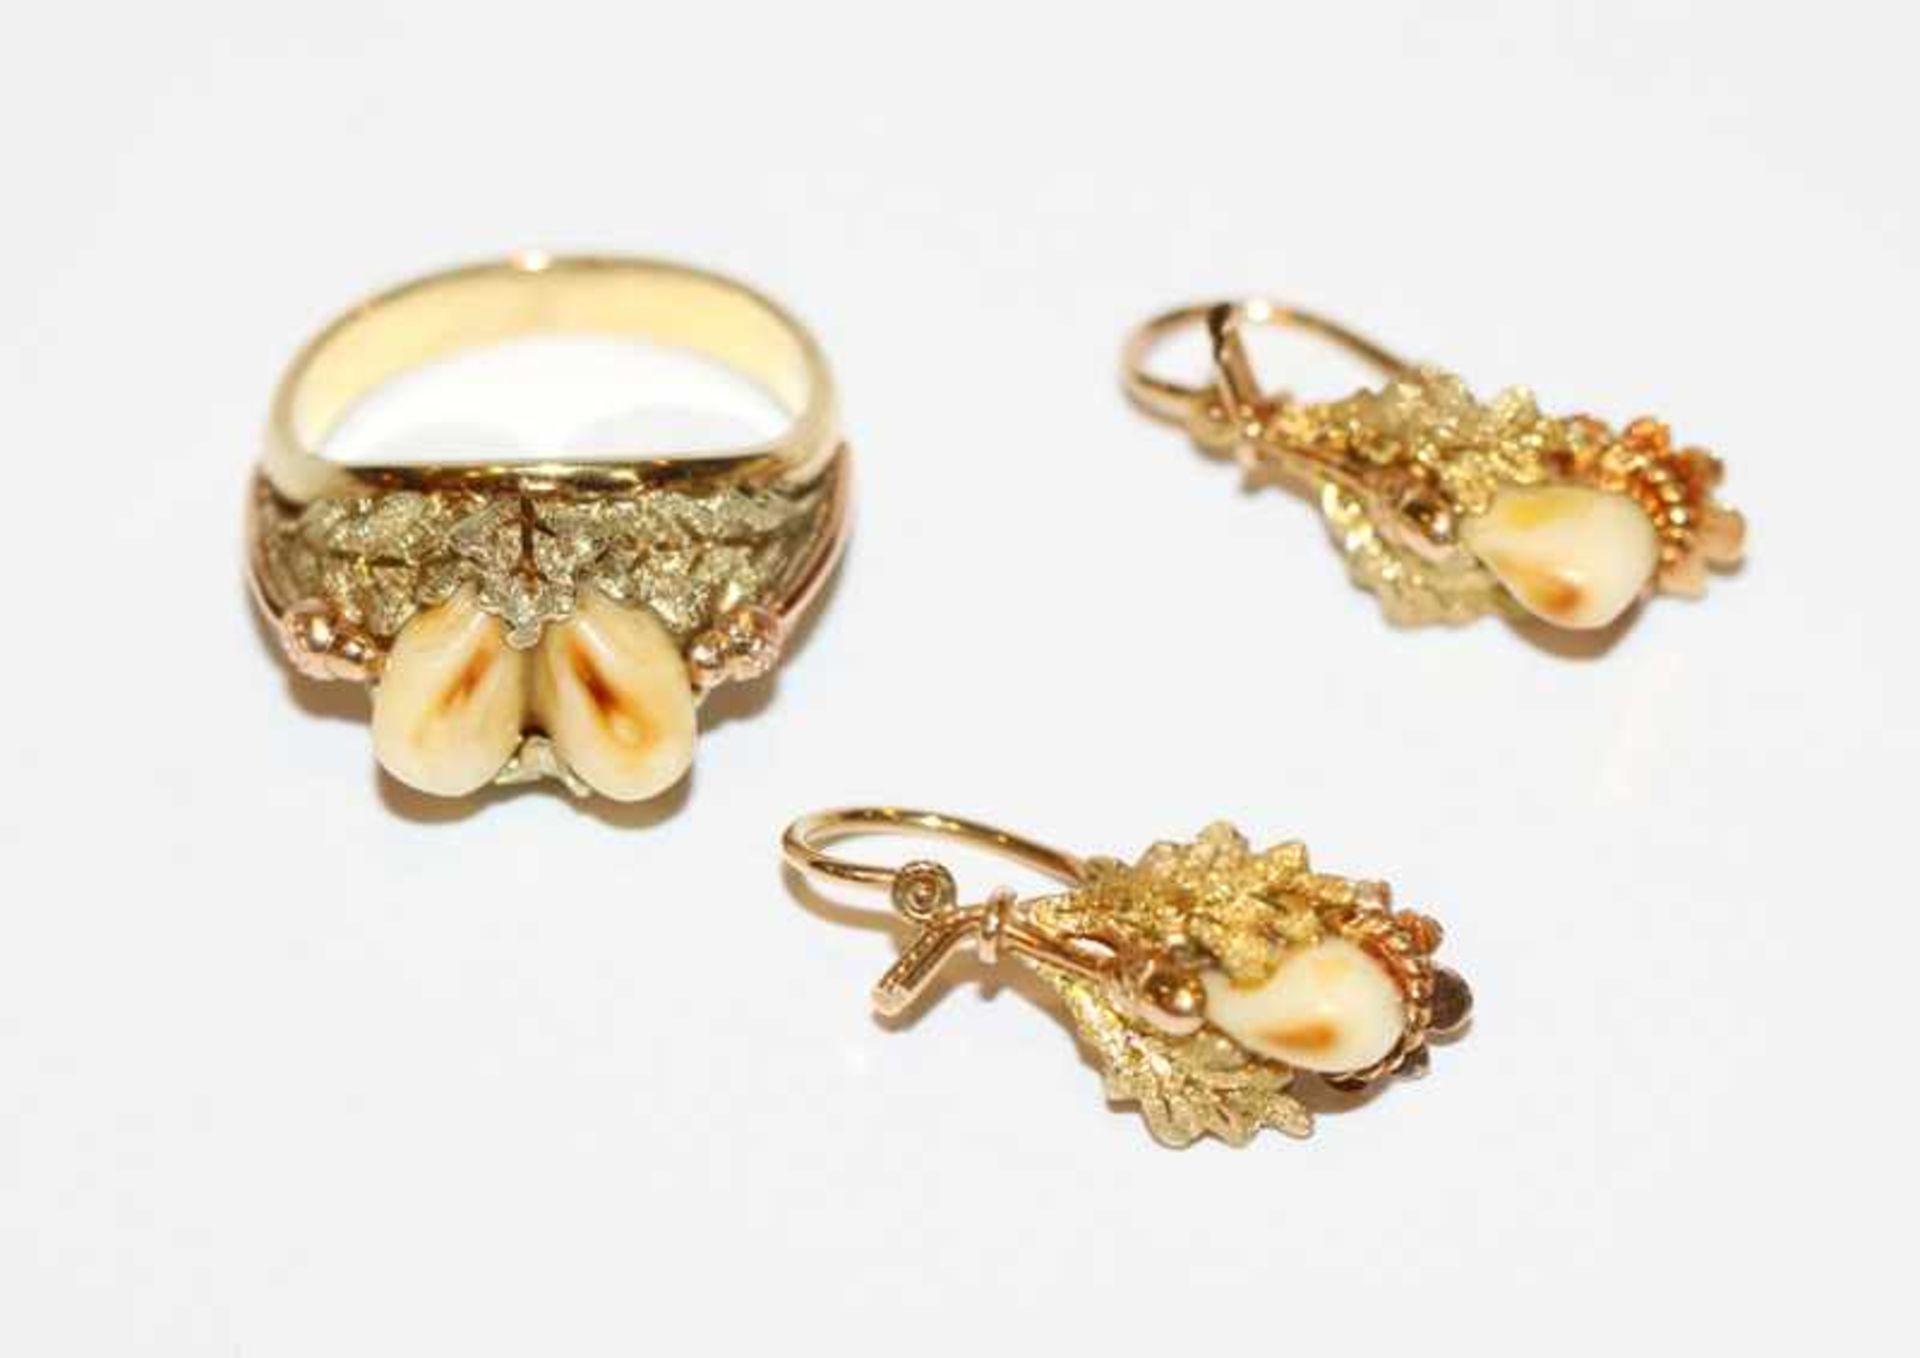 Los 92 - Paar 14 k Gelb- und Roségold Grandel-Ohrhänger und passender Ring, Gr. 51, schöne Handarbeit, 8,2